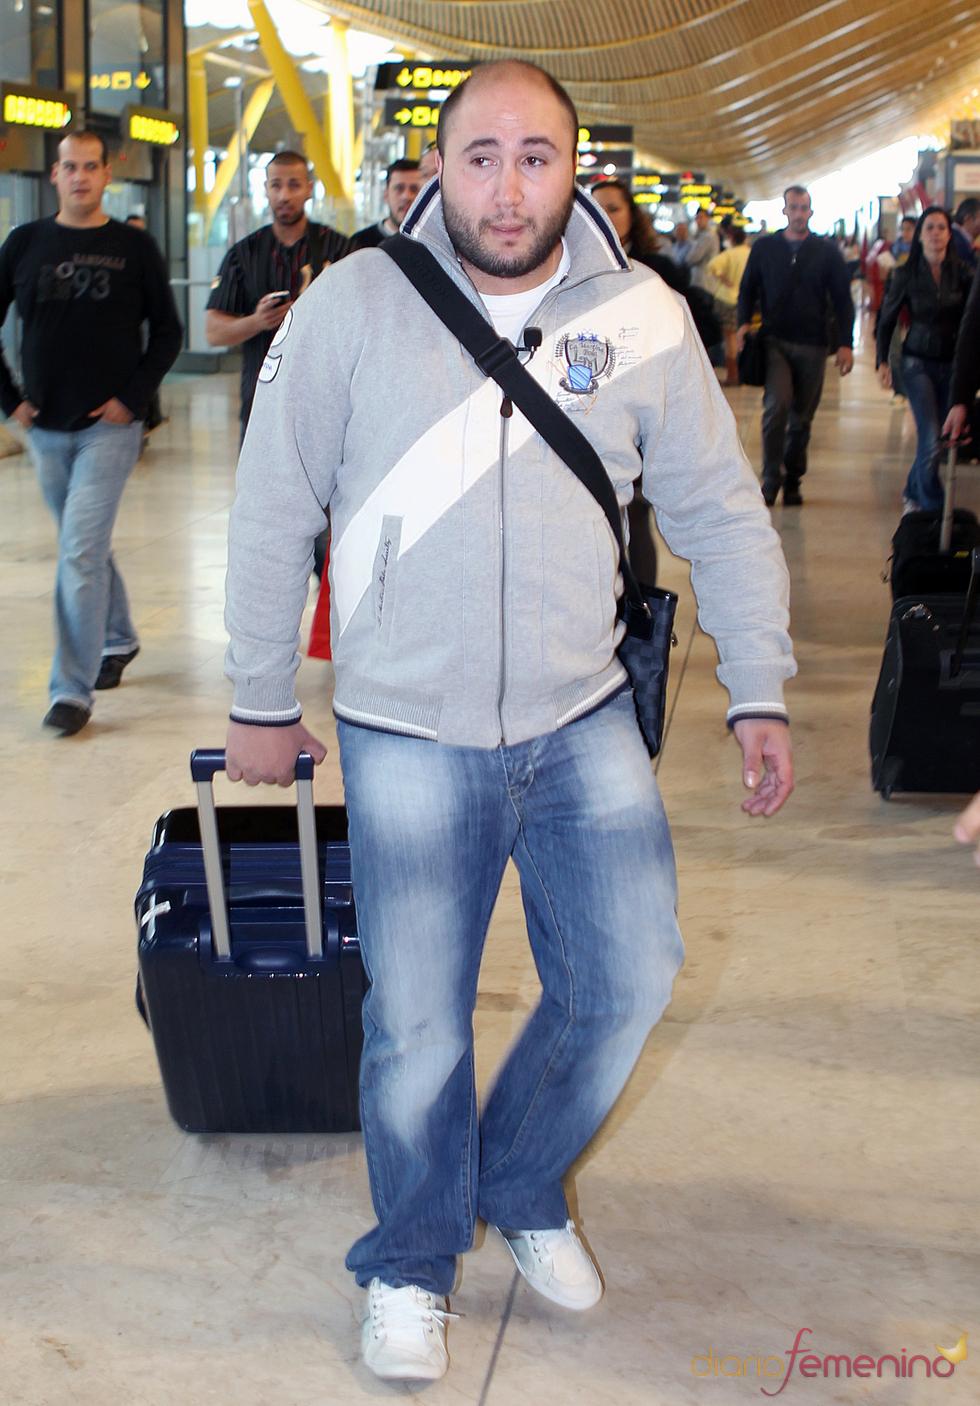 Paquirrín en el aeropuerto de Barajas rumbo a Honduras